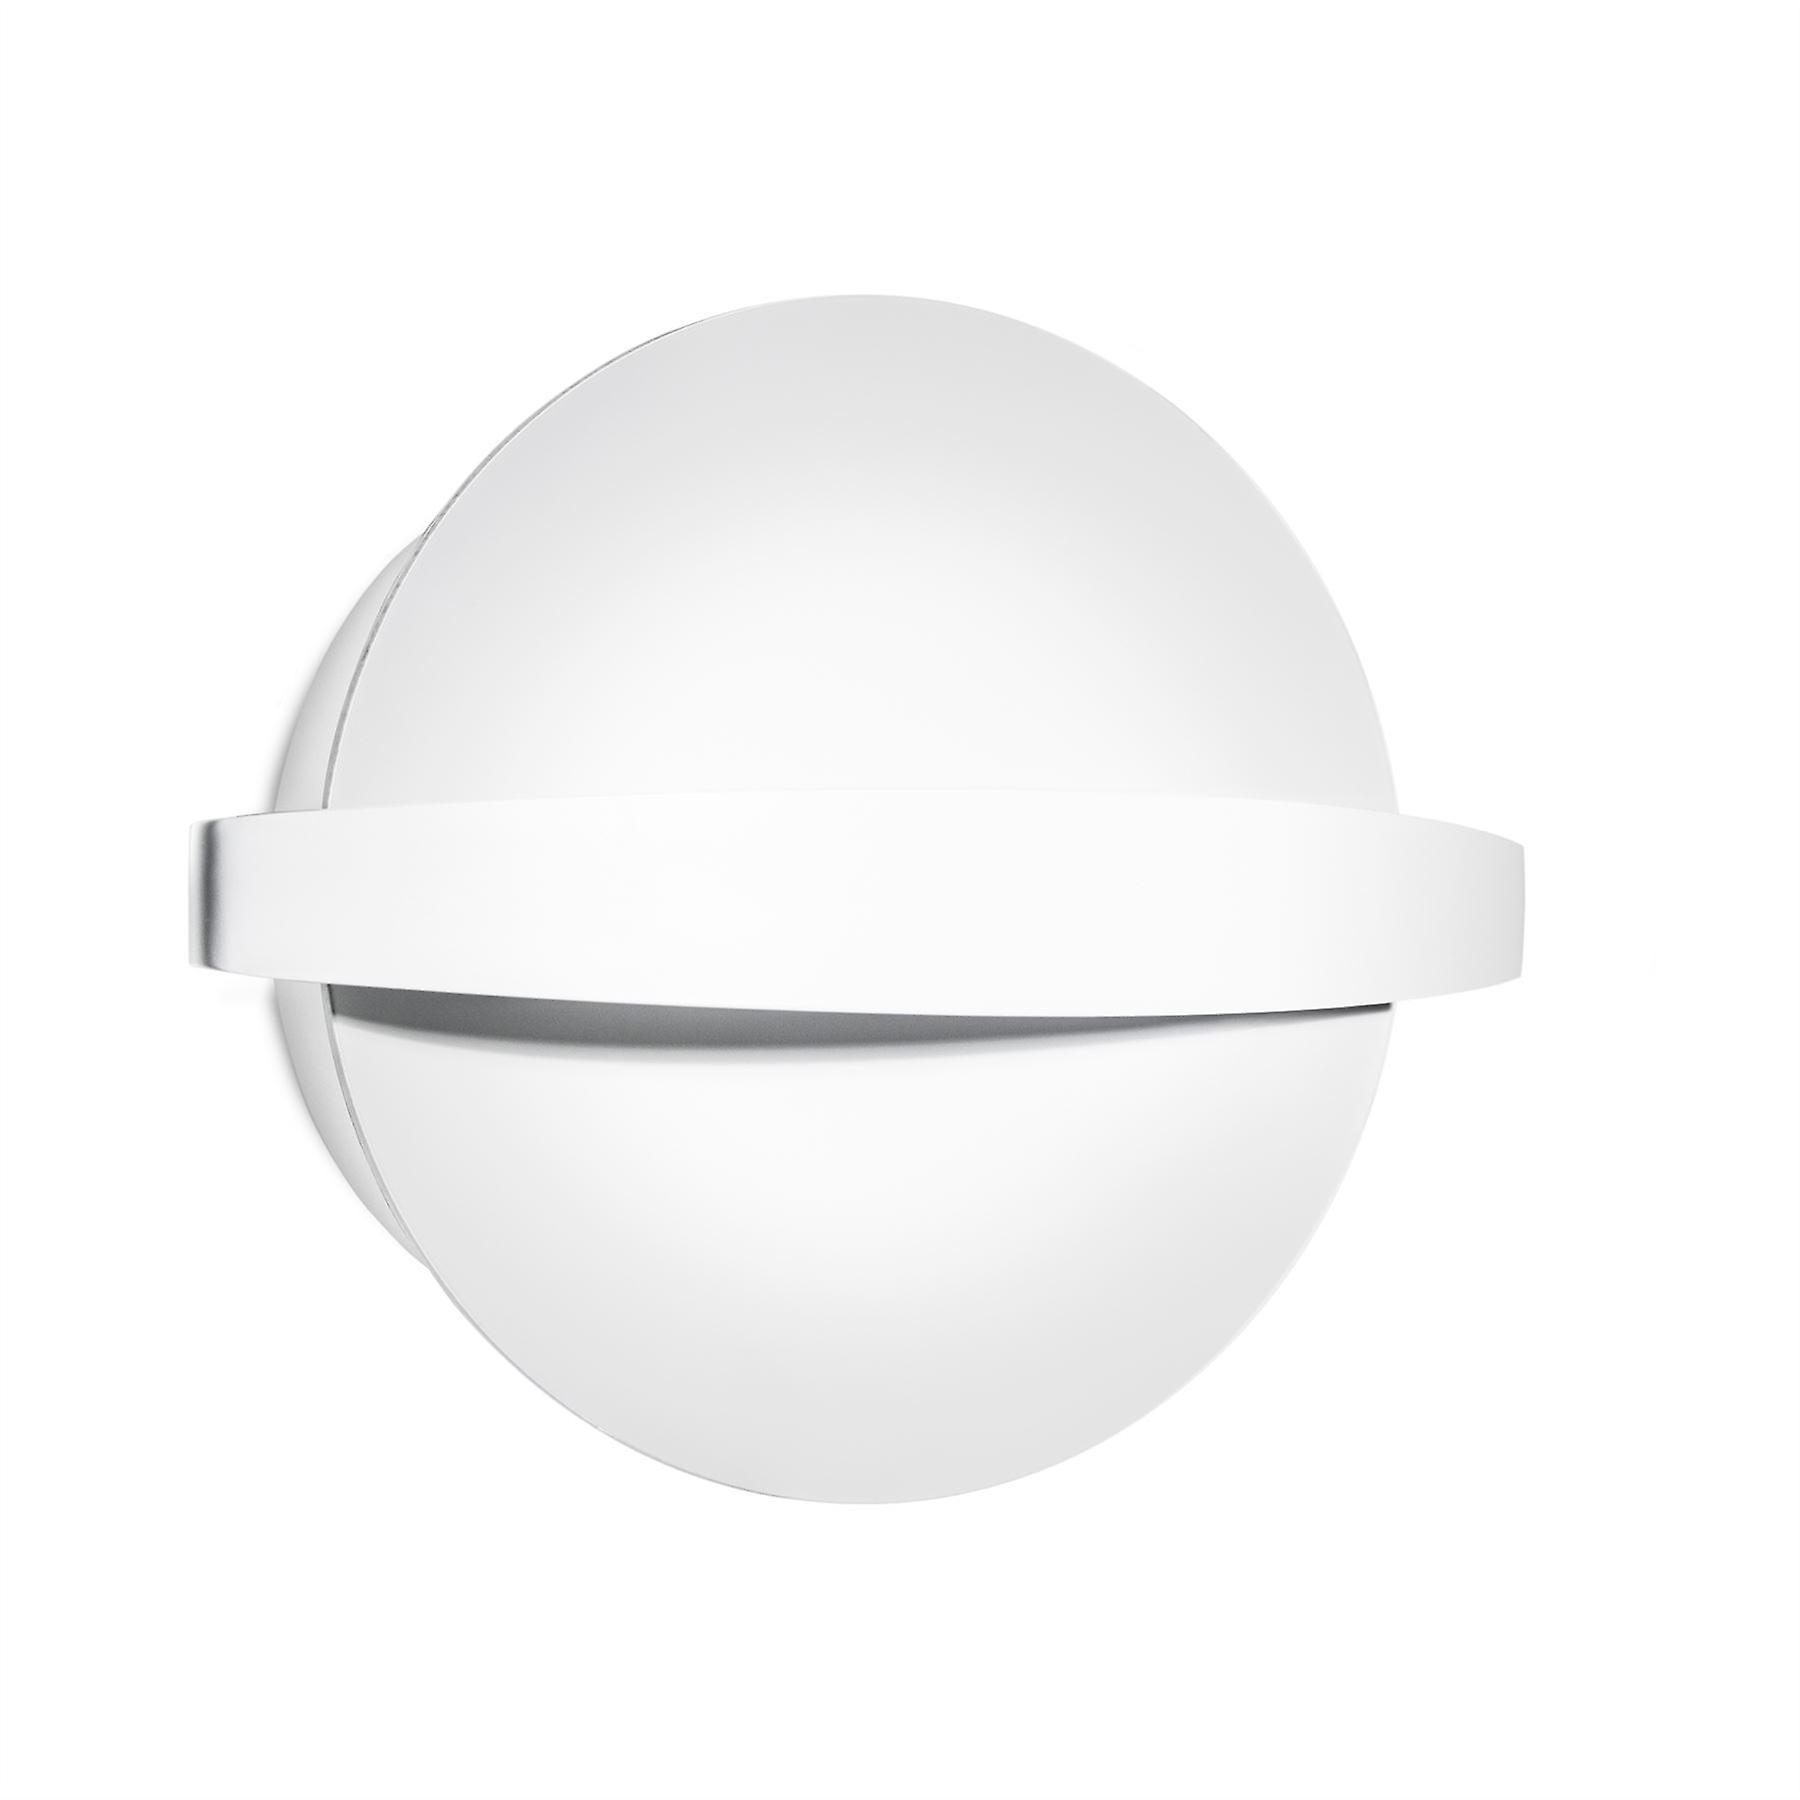 Saturn applique   plafonnier clair moyen - Leds-C4 15-2020-14-14